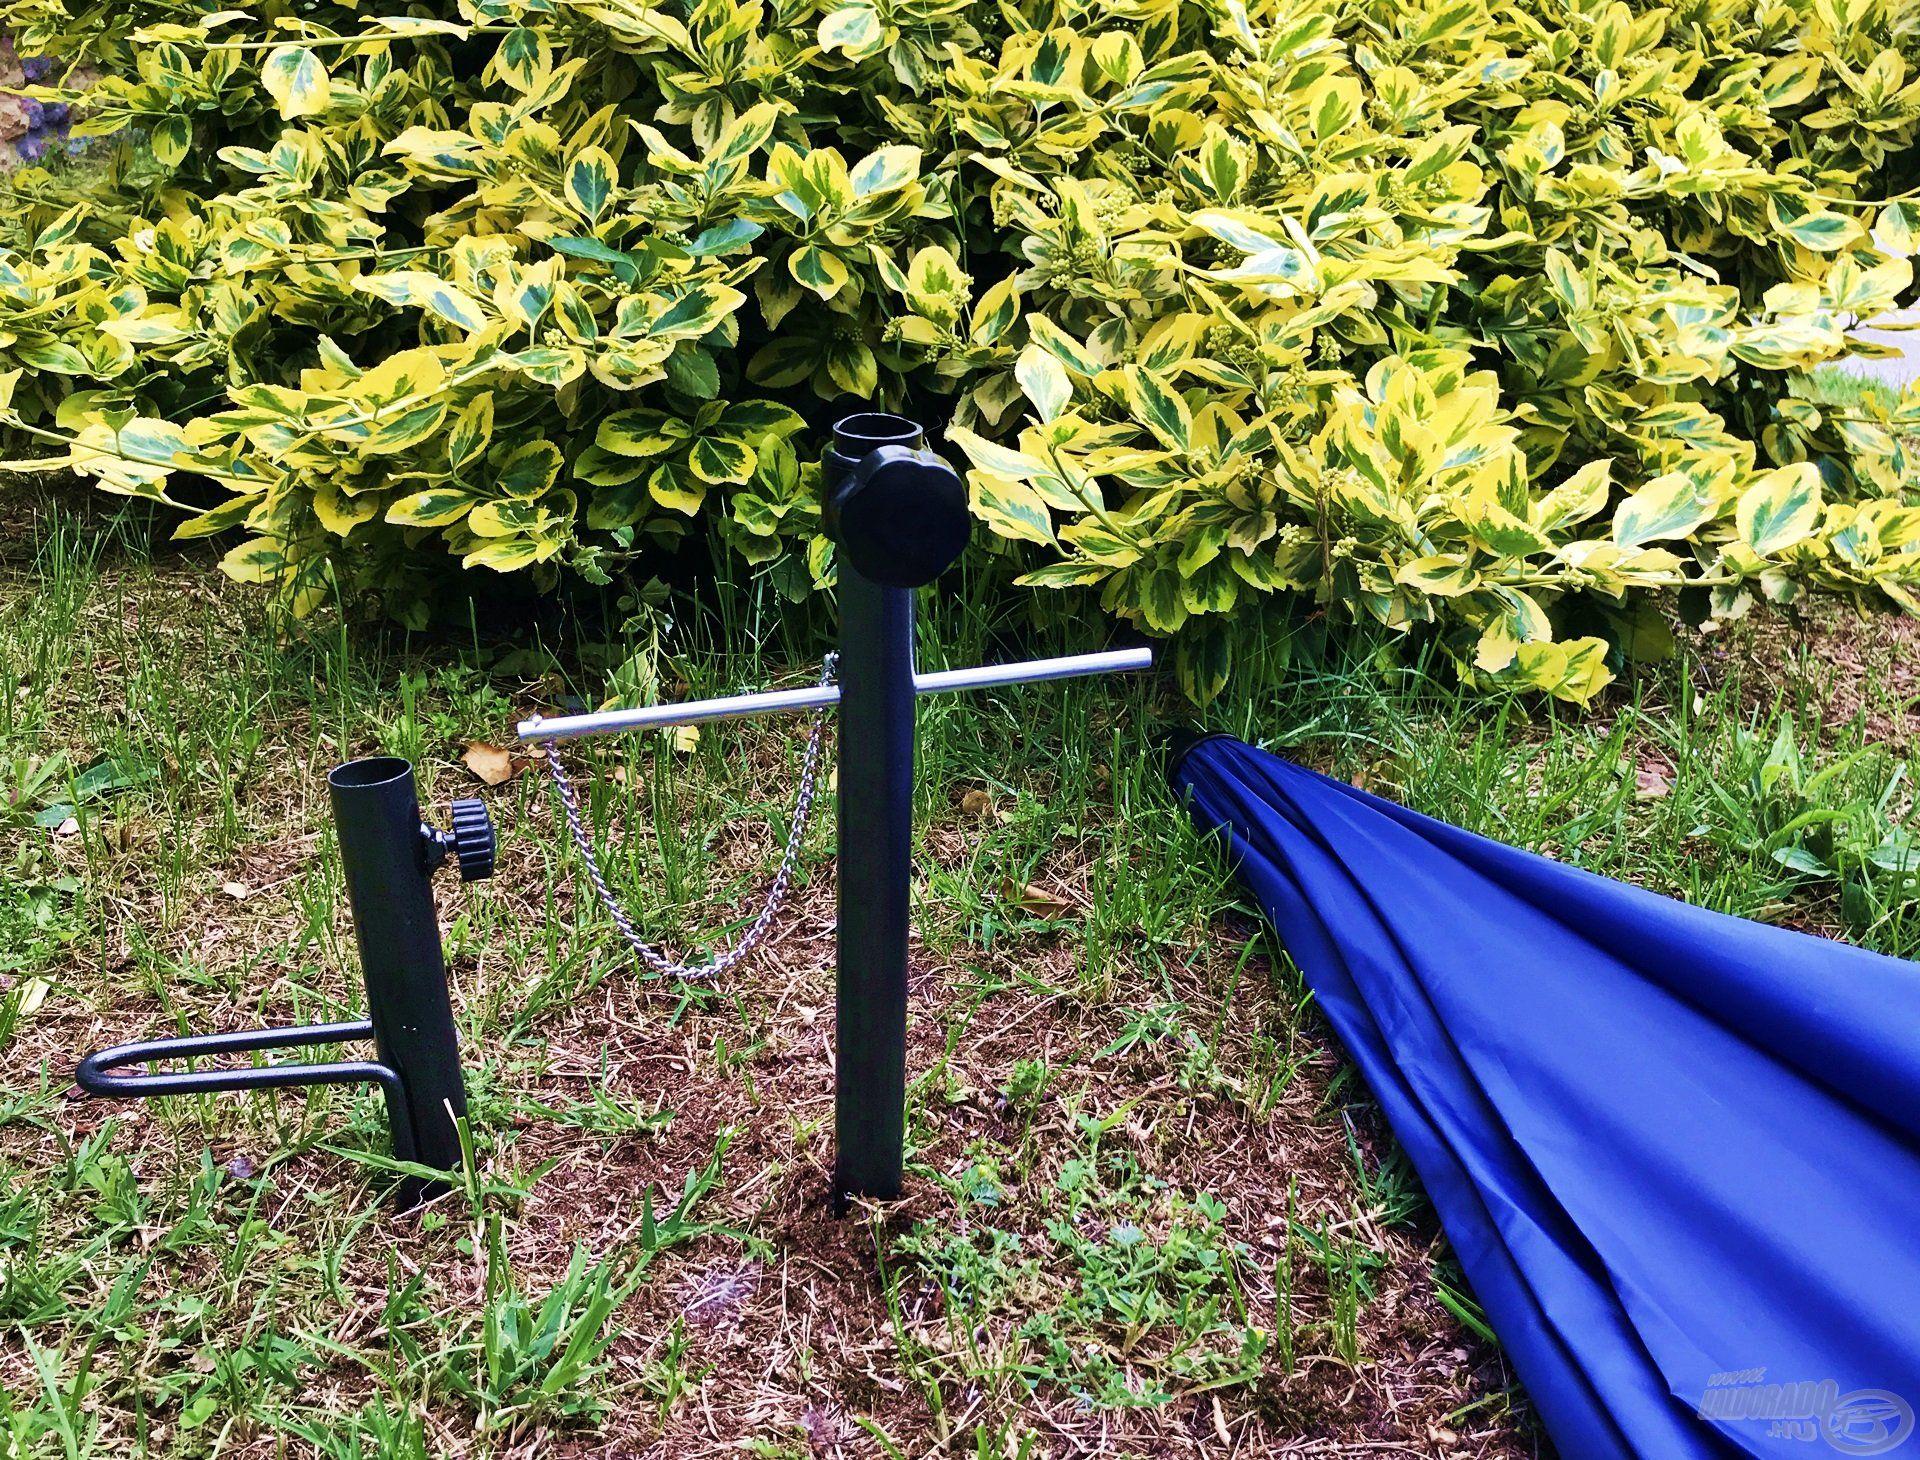 A lehajtható ernyőtartó sajátossága a mellékelt rúd, amelyet a megfelelő furatba helyezve a legkeményebb talajba is stabil tartót helyezhetünk ernyőnk számára